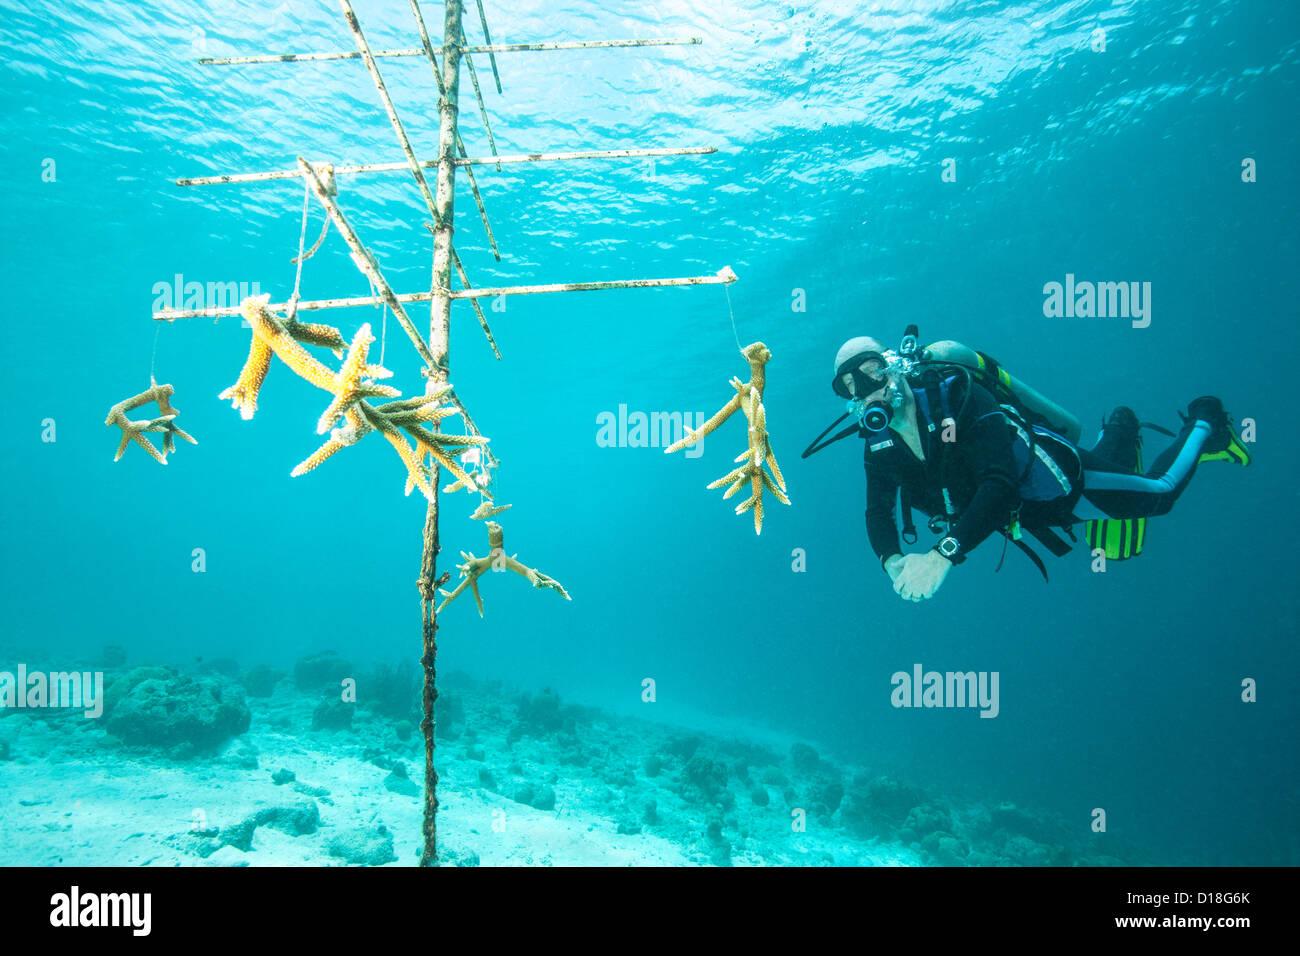 Diver examining underwater debris - Stock Image